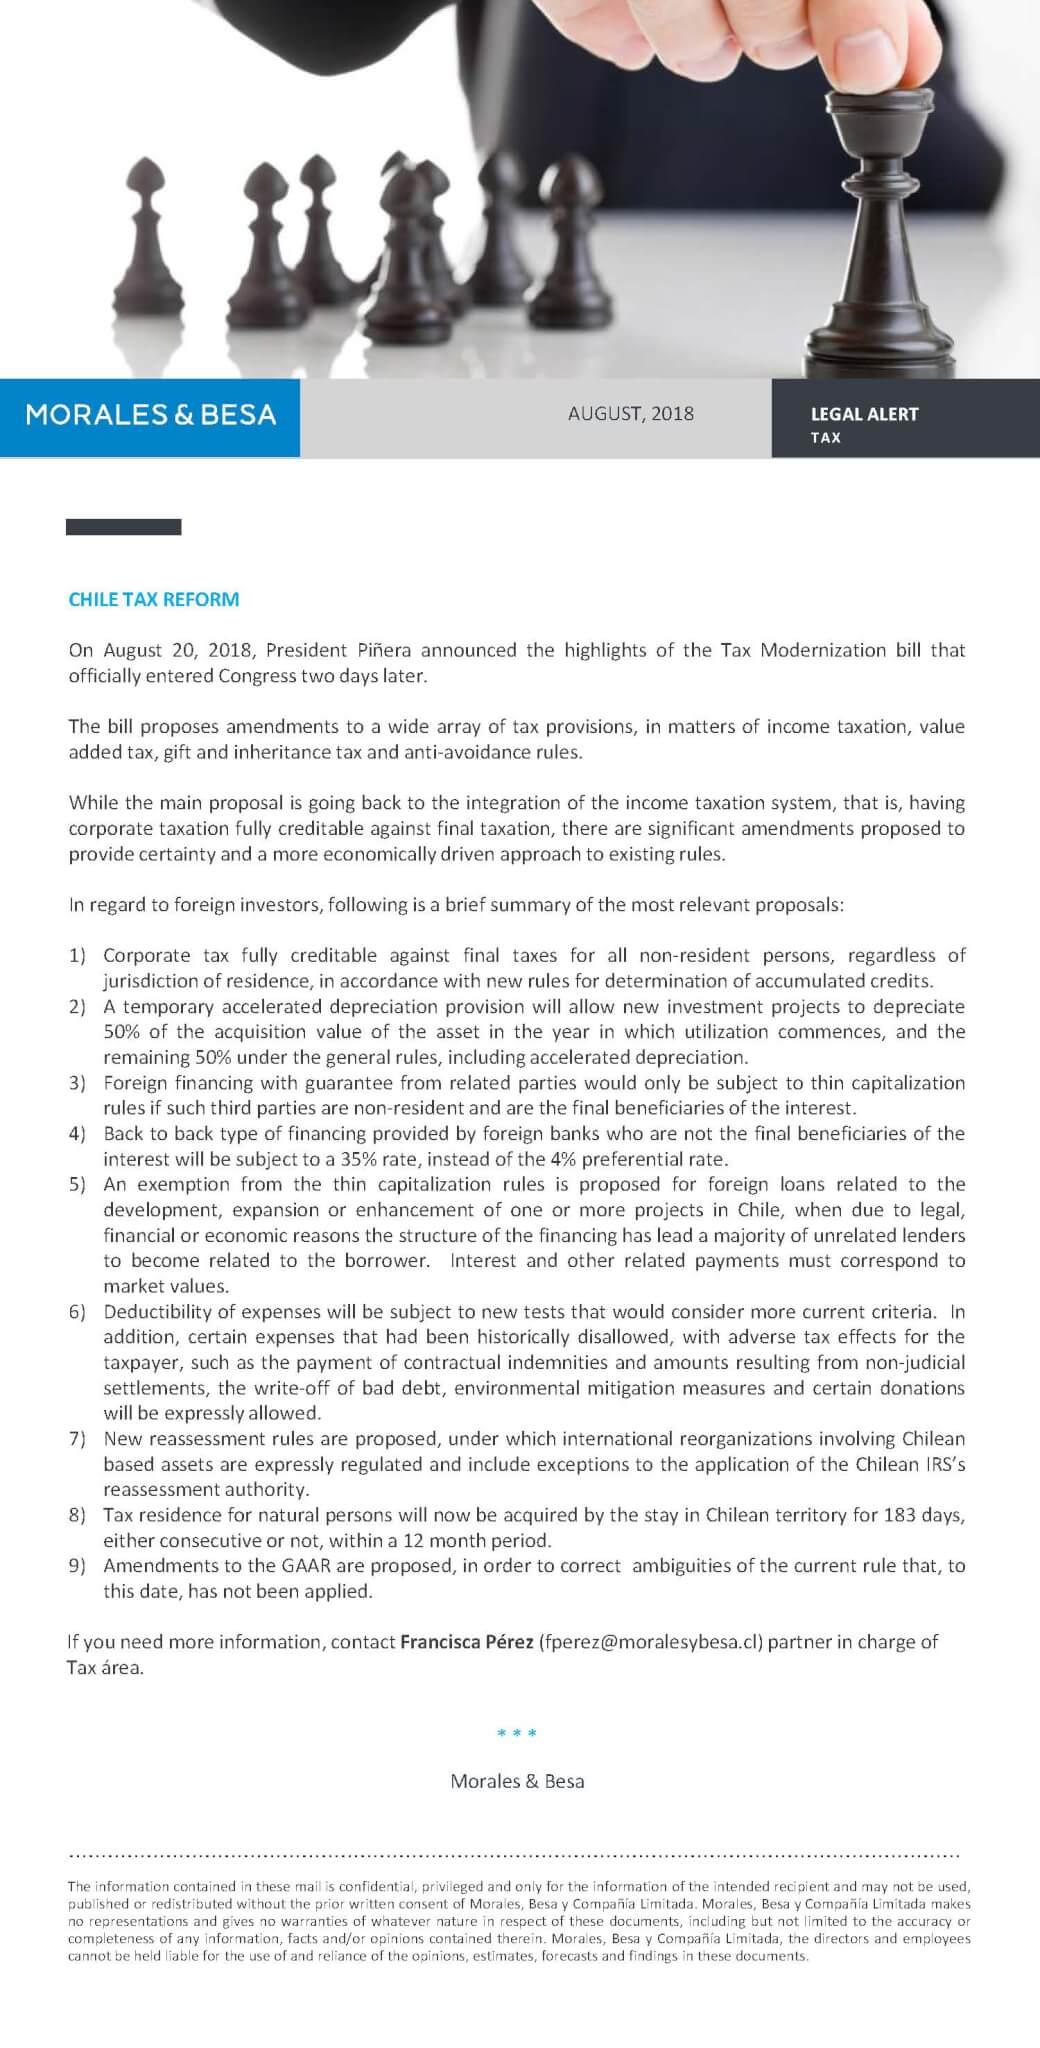 Morales & Besa Legal Alert Tax_August, 2018